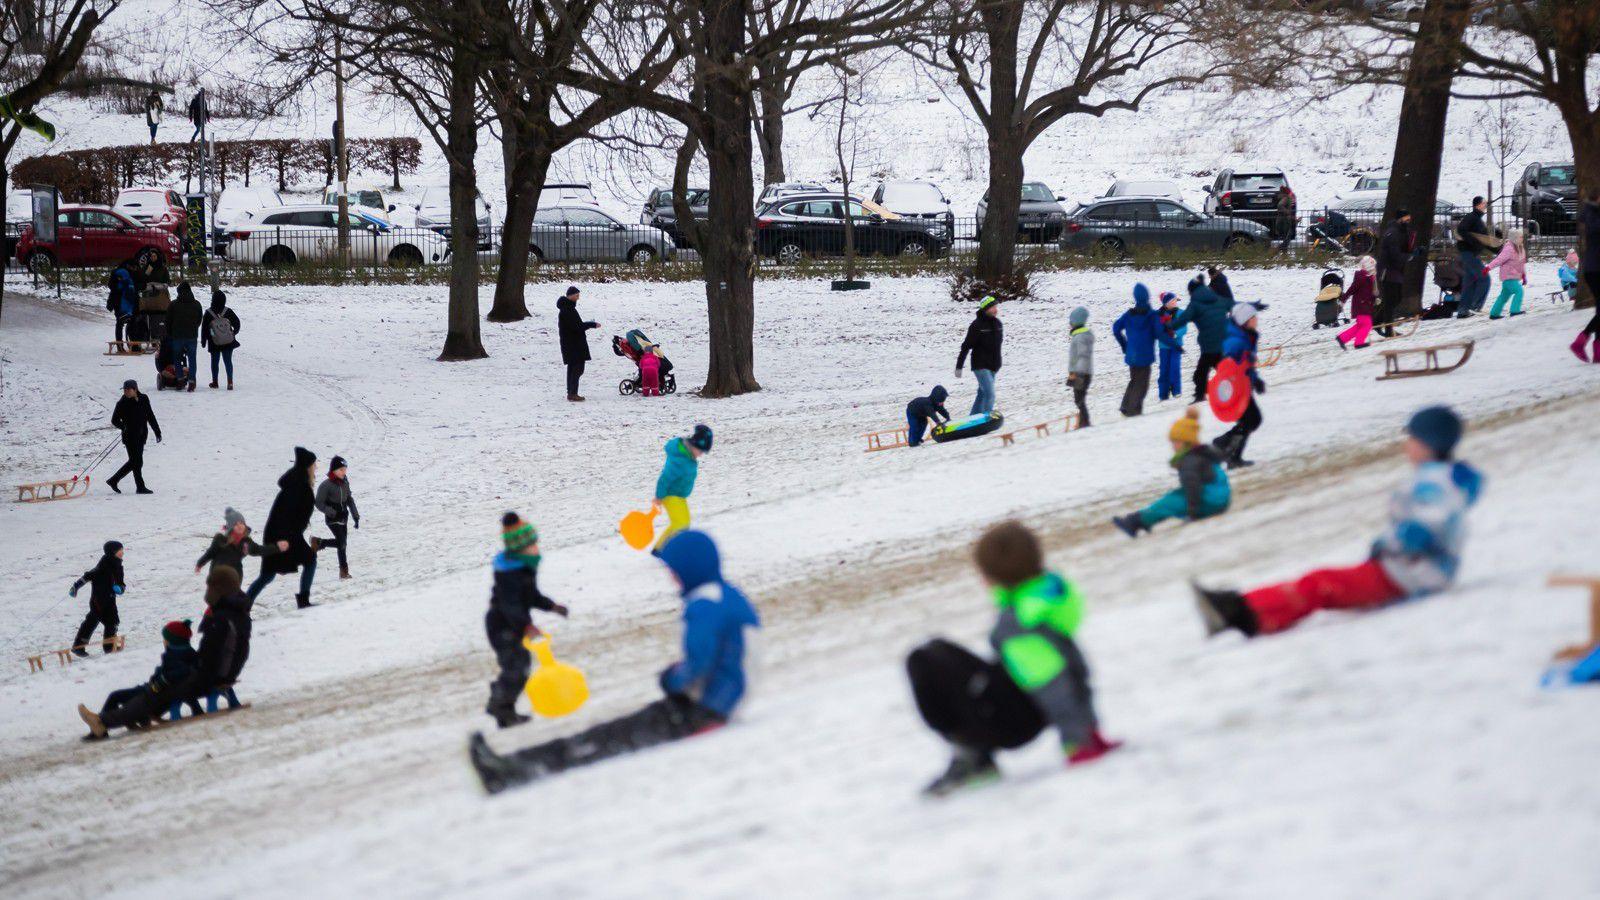 Nombreux enfants et familles font de la luge au Volkspark Friedrichshain (Crédit photo : picture alliance/dpa)